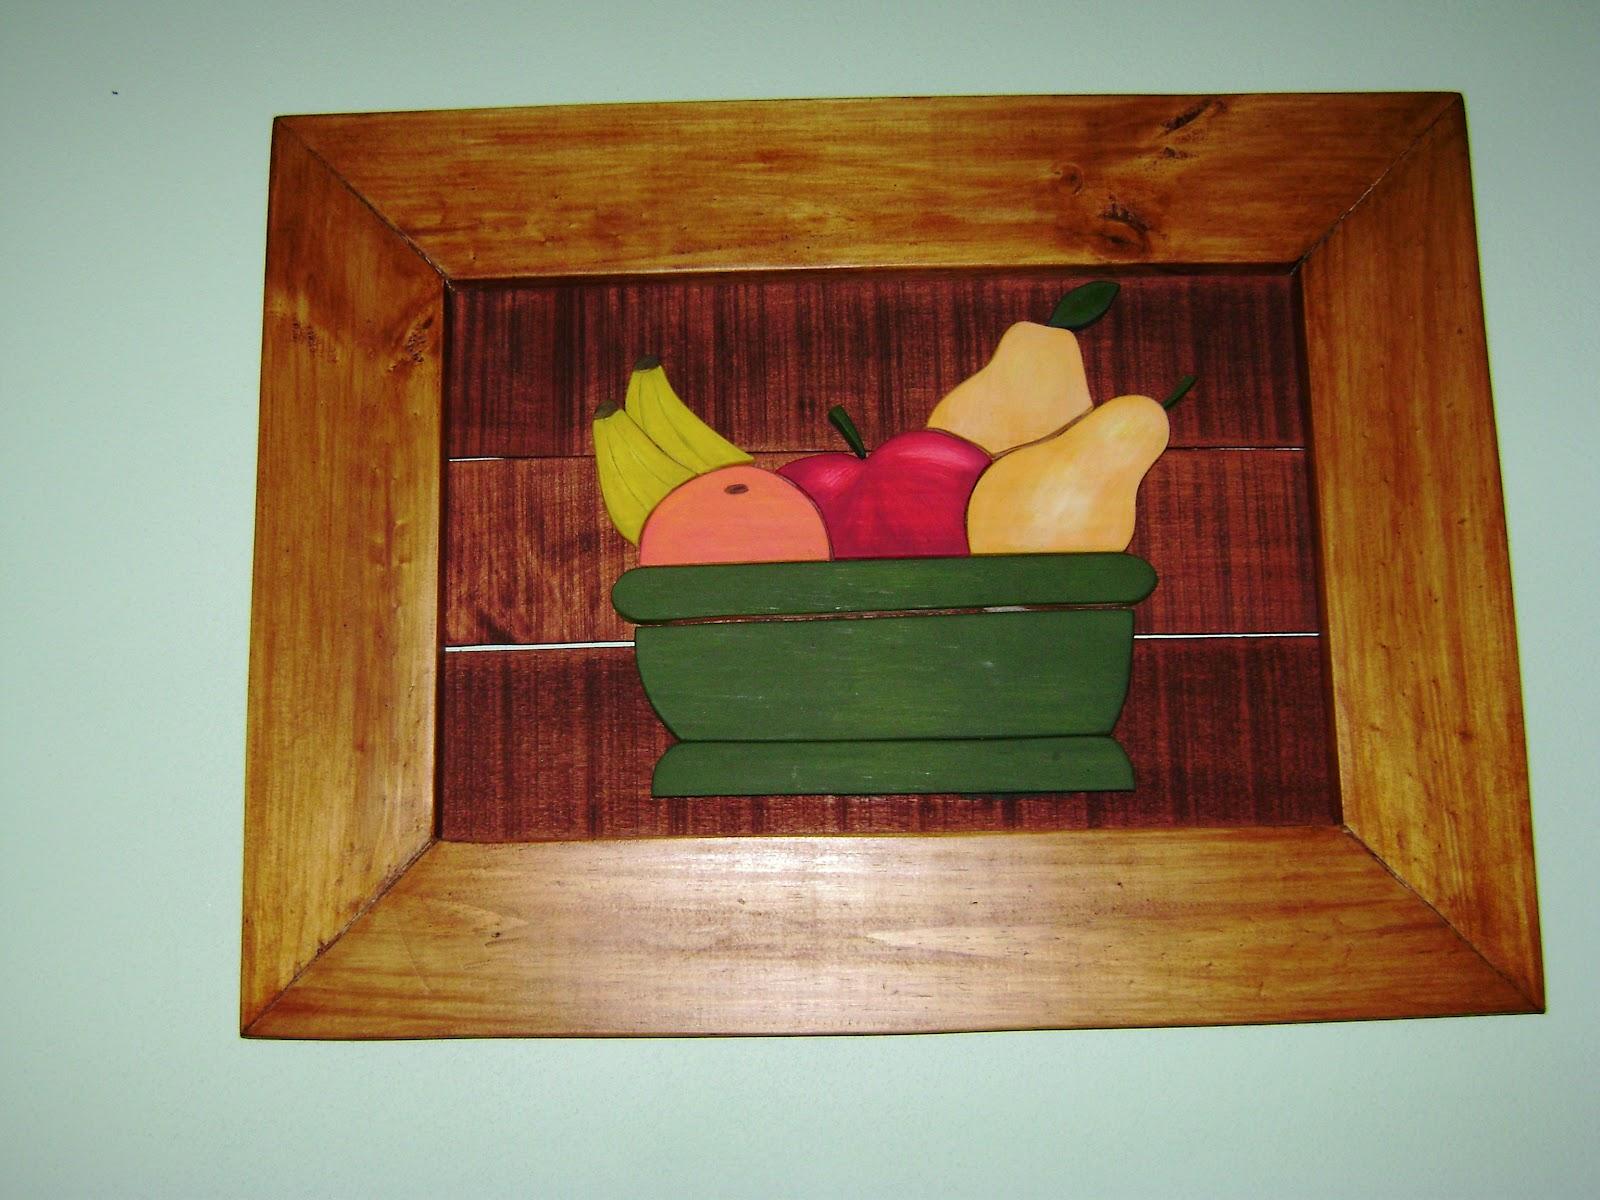 Cuadros artesanias cuadros rusticos calados en madera - Cuadros para dormitorios rusticos ...